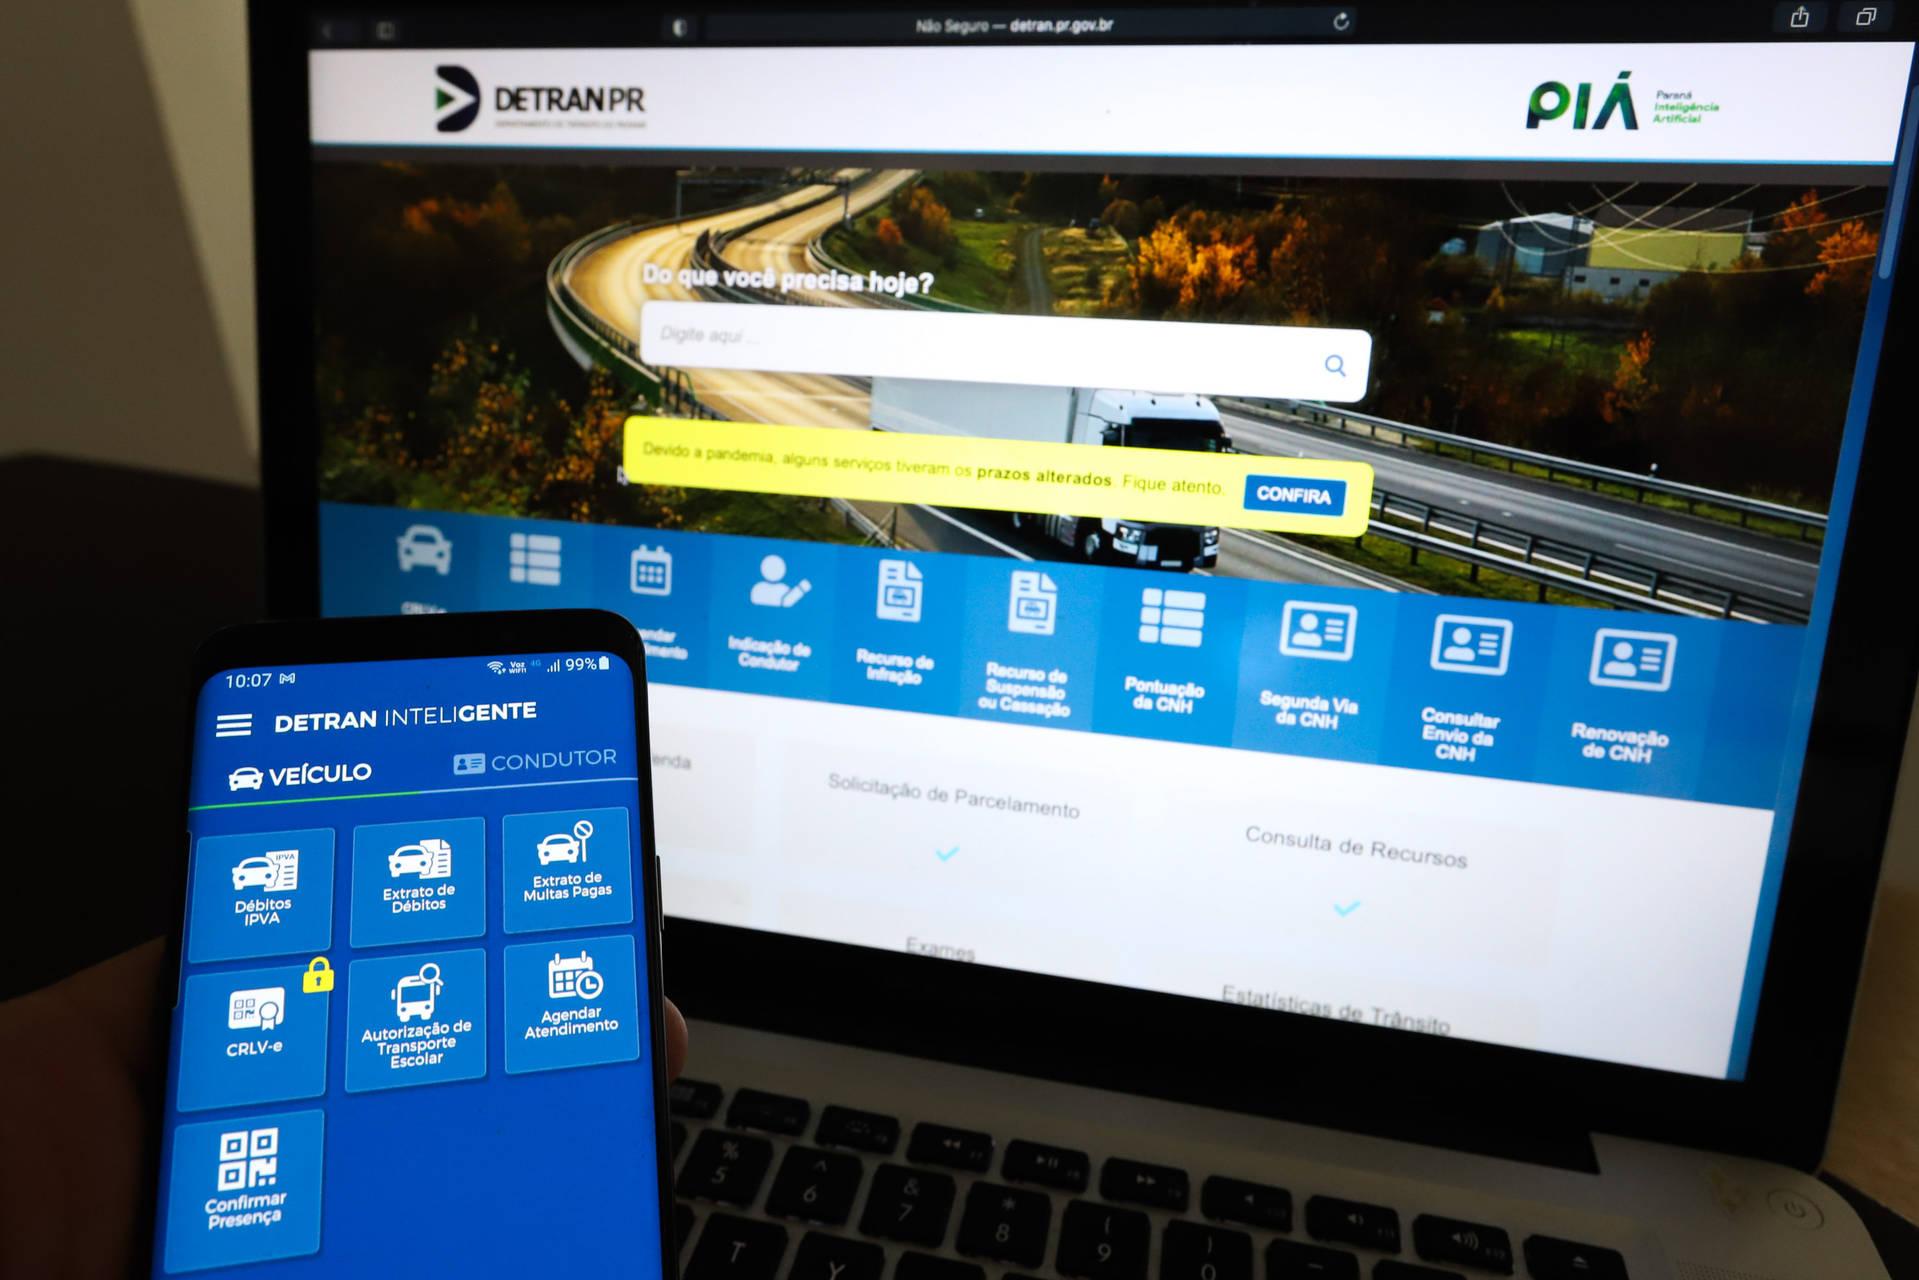 Atendimentos online do Detran/PR crescem quase 60% no primeiro trimestre